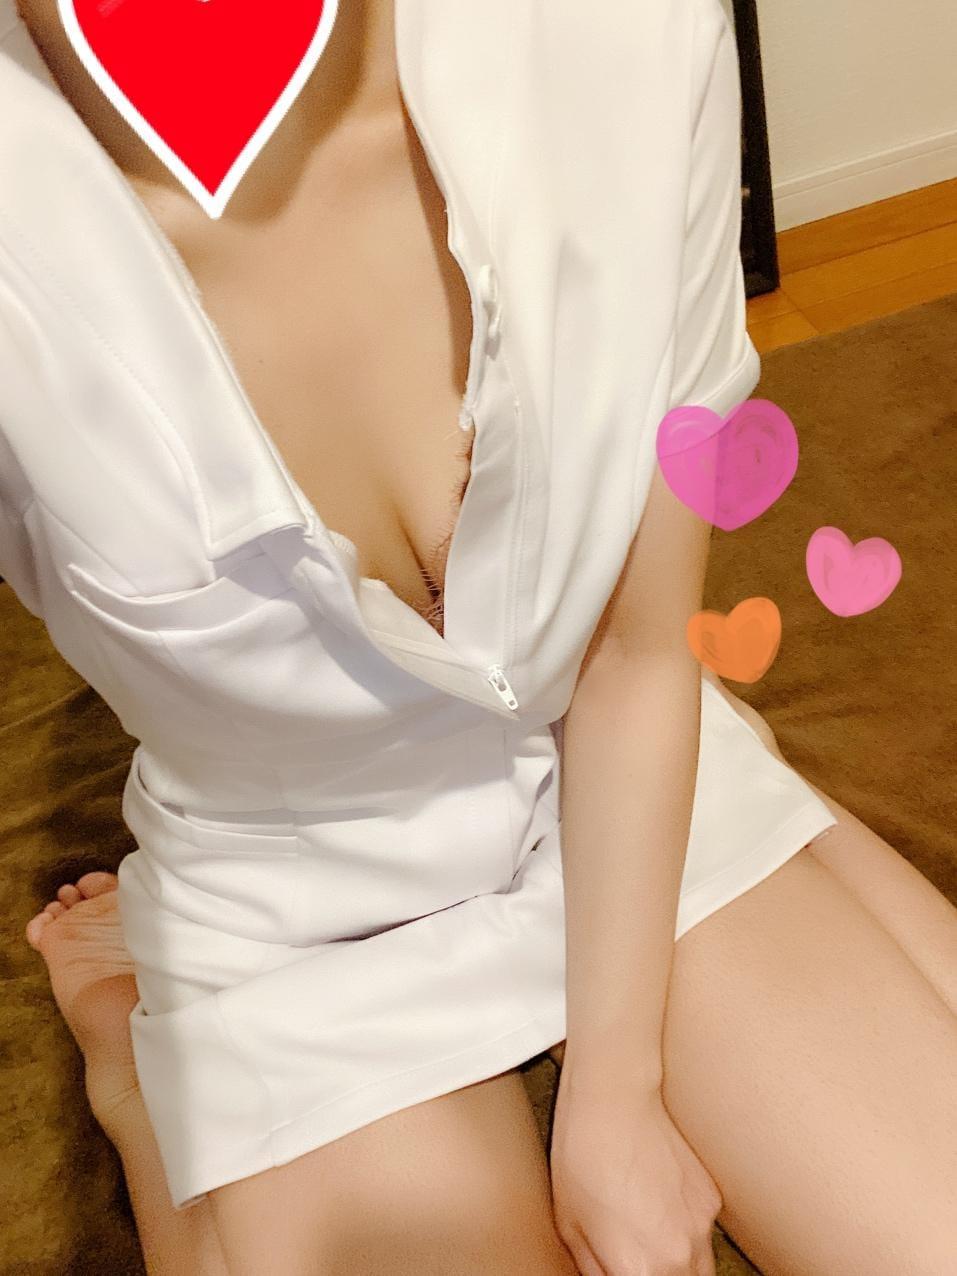 千秋 (ちあき)・Bランク「こんにちわ」02/24(水) 19:52 | 千秋 (ちあき)・Bランクの写メ・風俗動画